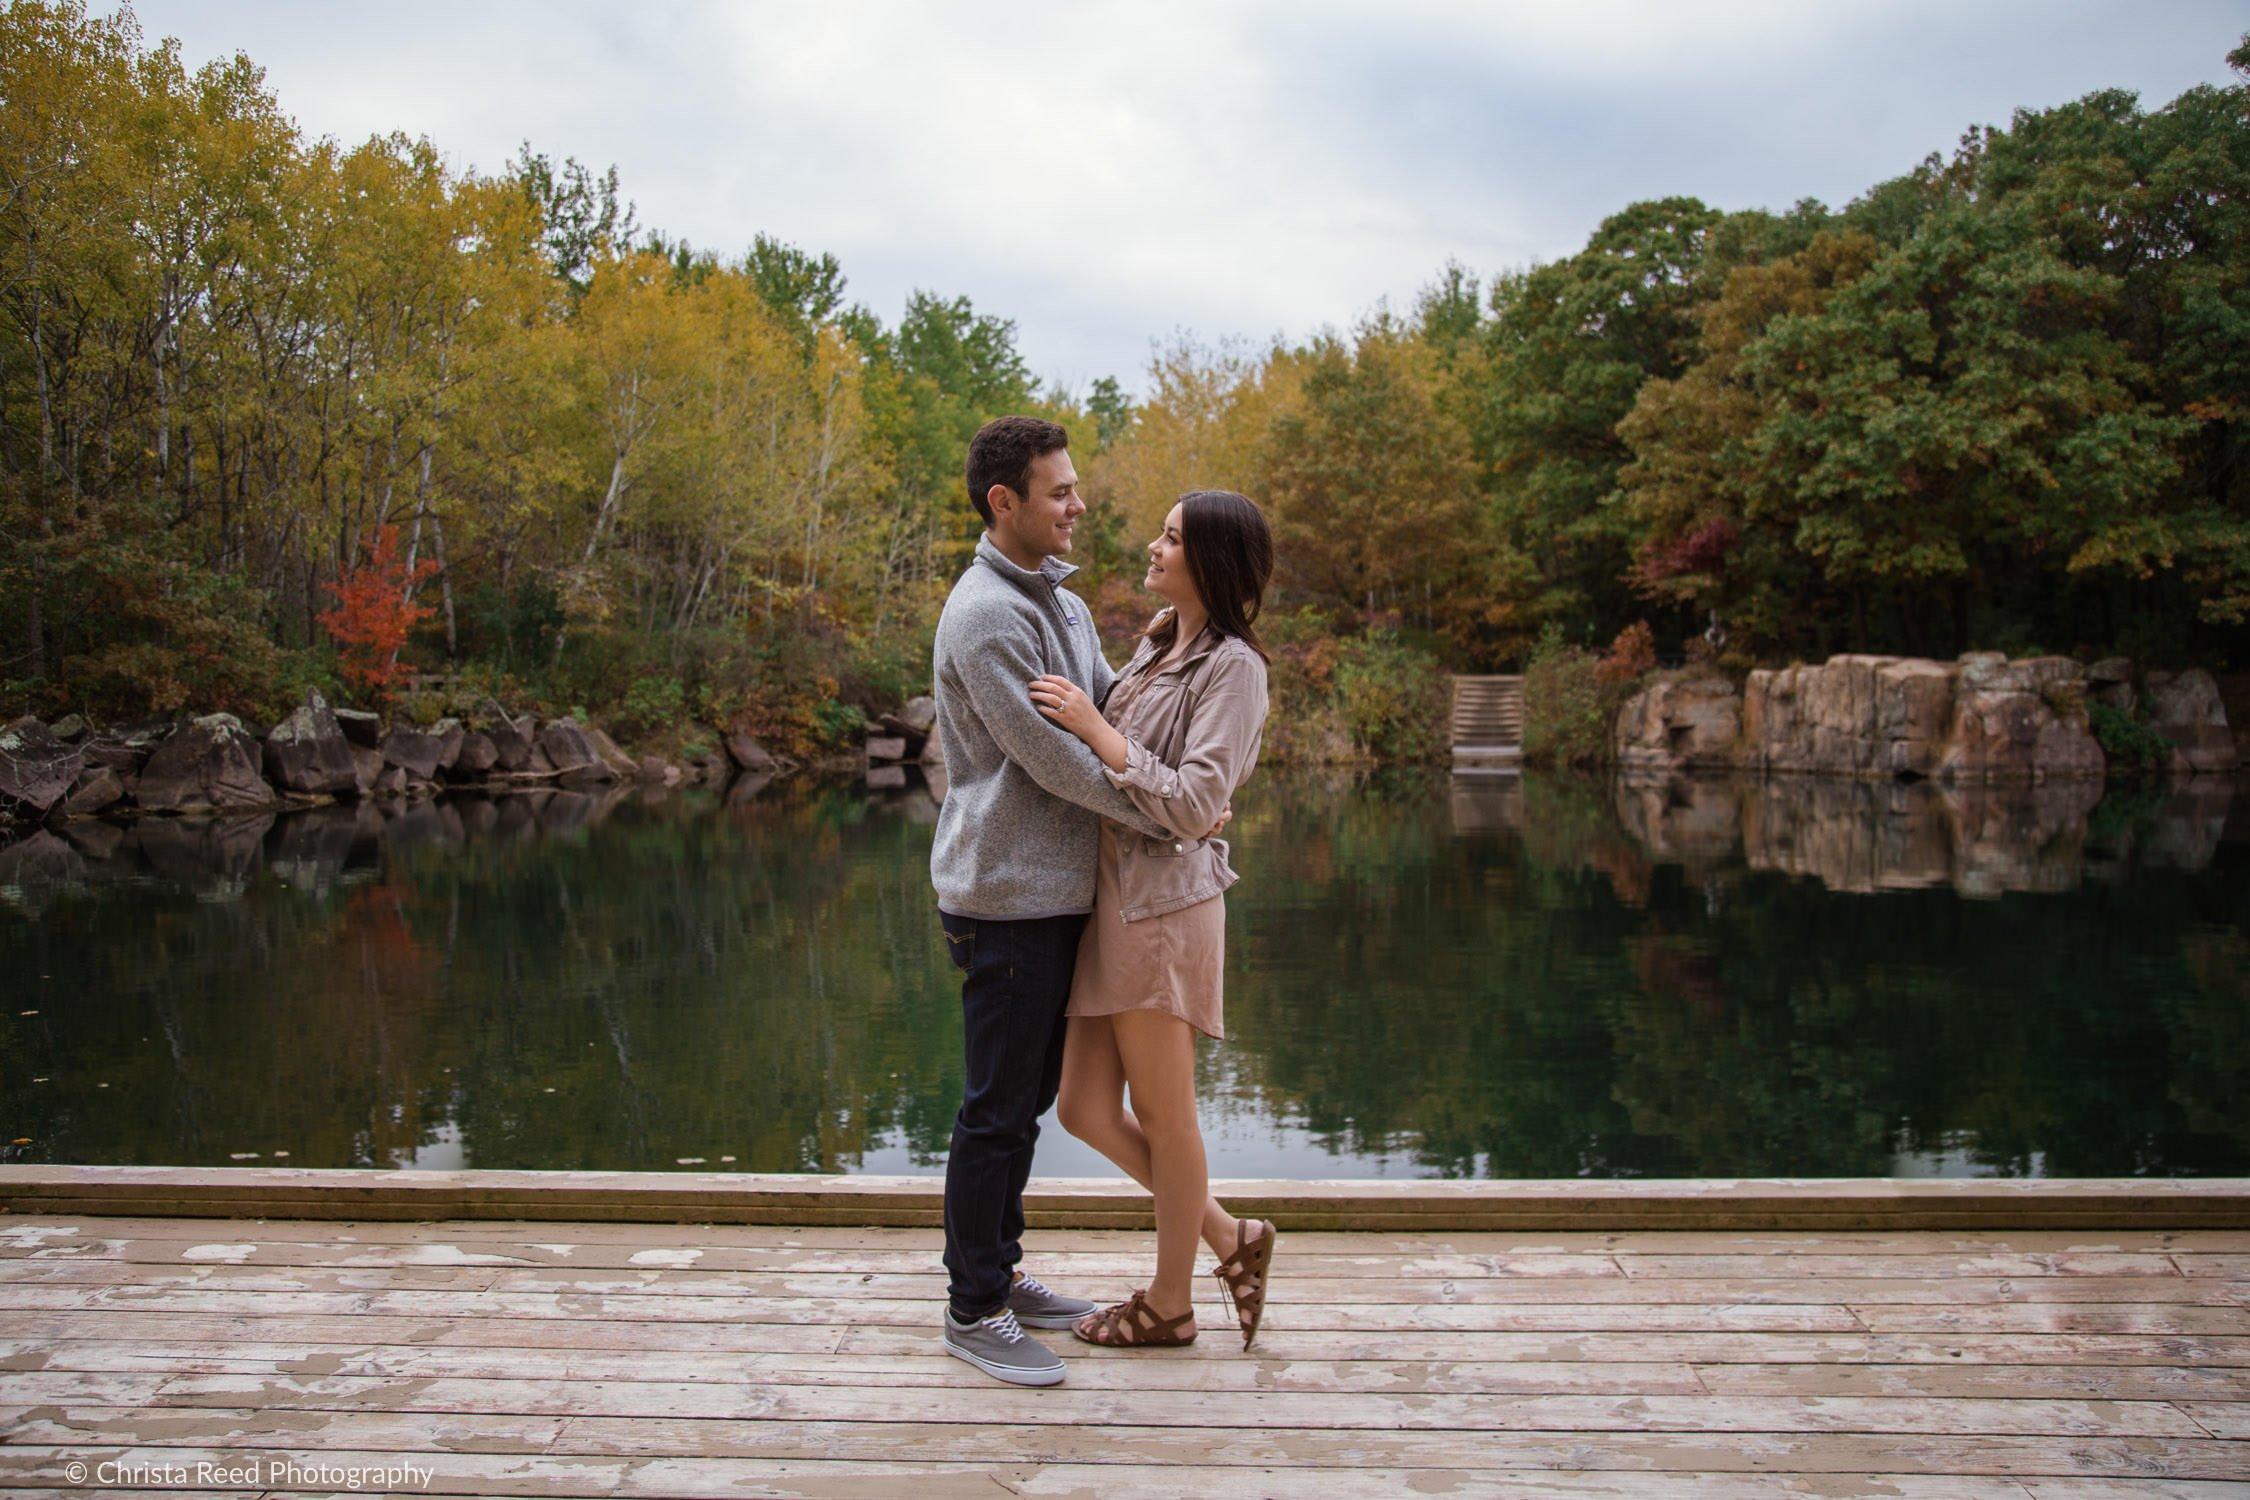 St. Cloud Quarry Park engagement photographs are an adventure